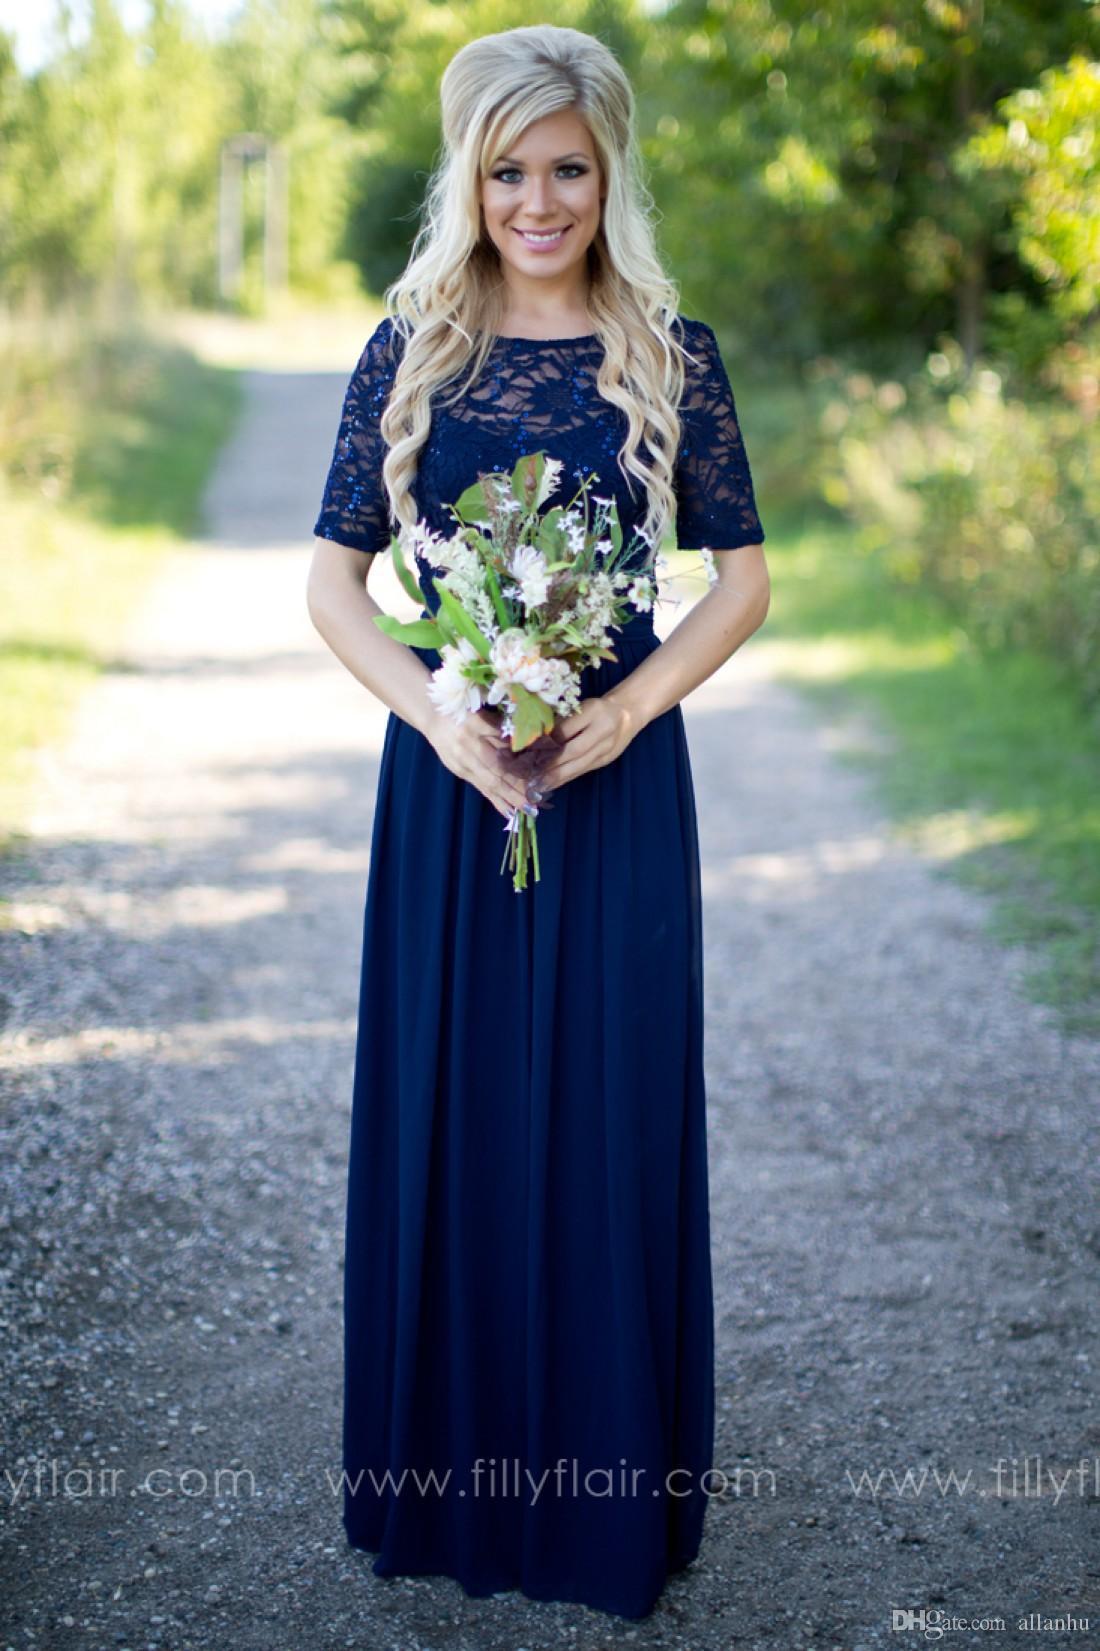 2019 style campagnard bleu marine robes de demoiselle d'honneur pure col rond en dentelle top manches courtes en mousseline de soie dos nu longue demoiselle d'honneur